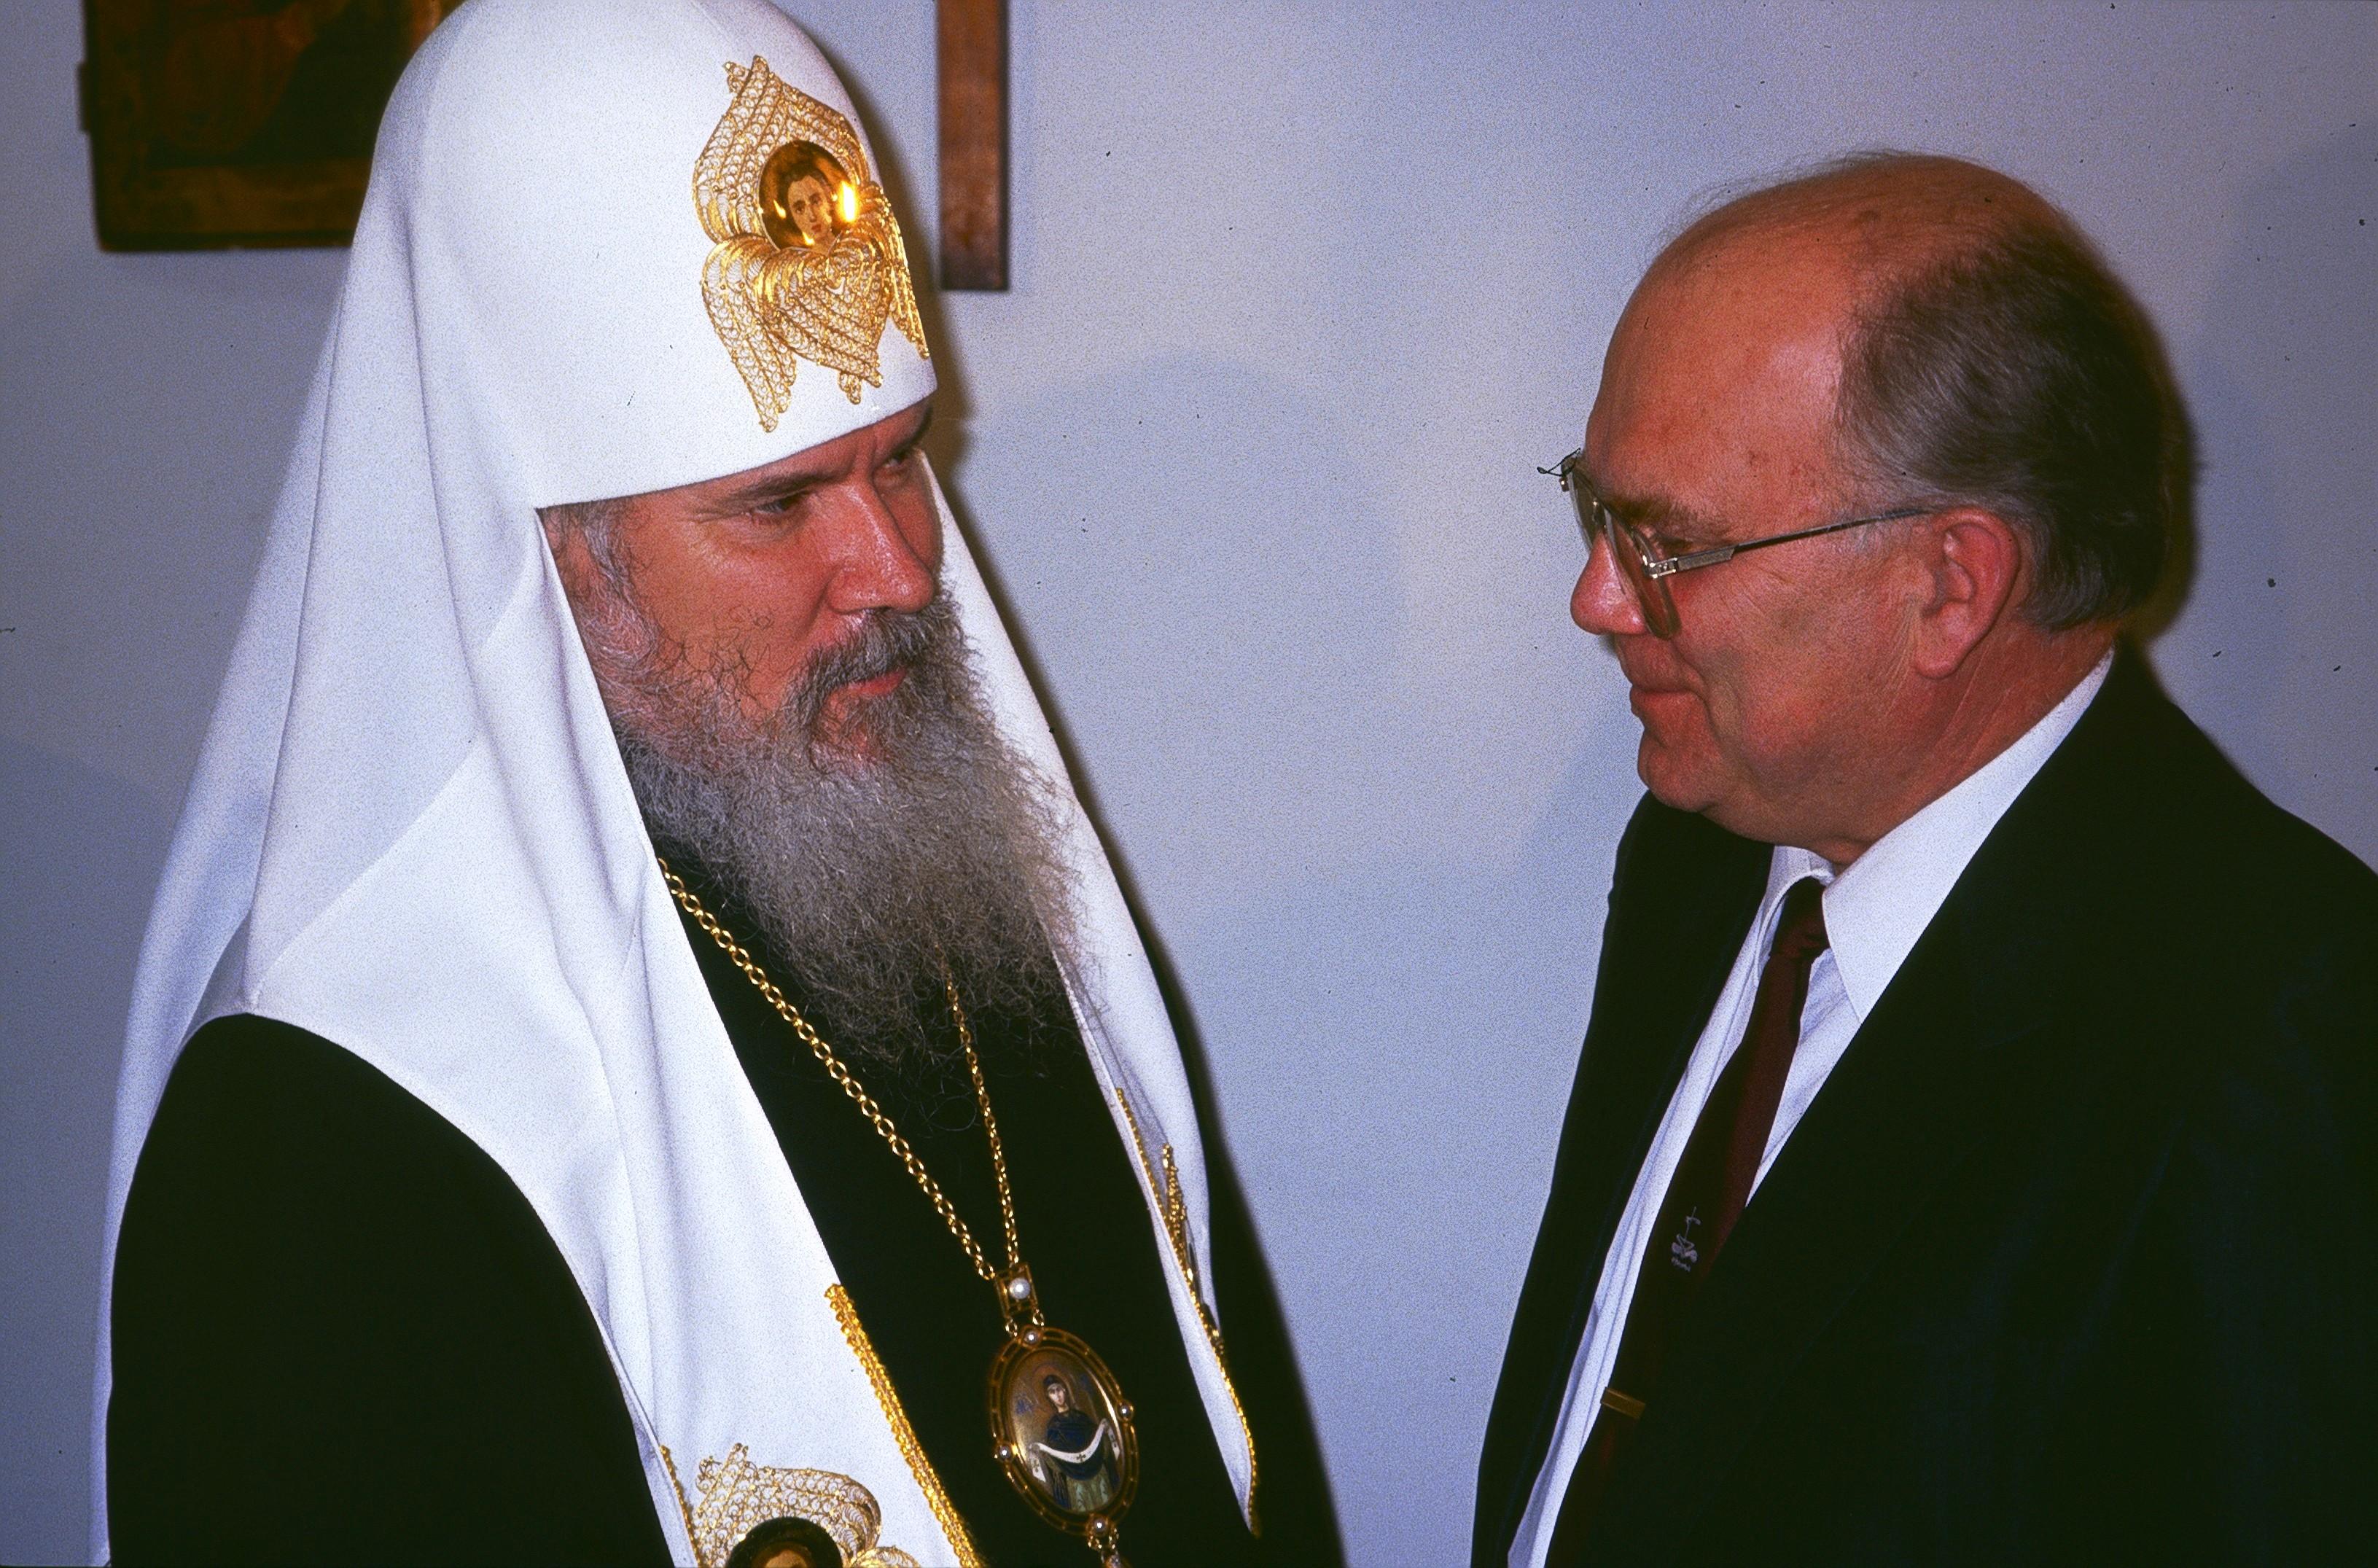 Патриарх Алексий II с главой русских баптистов Алексеем Бычковым на открытии Библейского общества